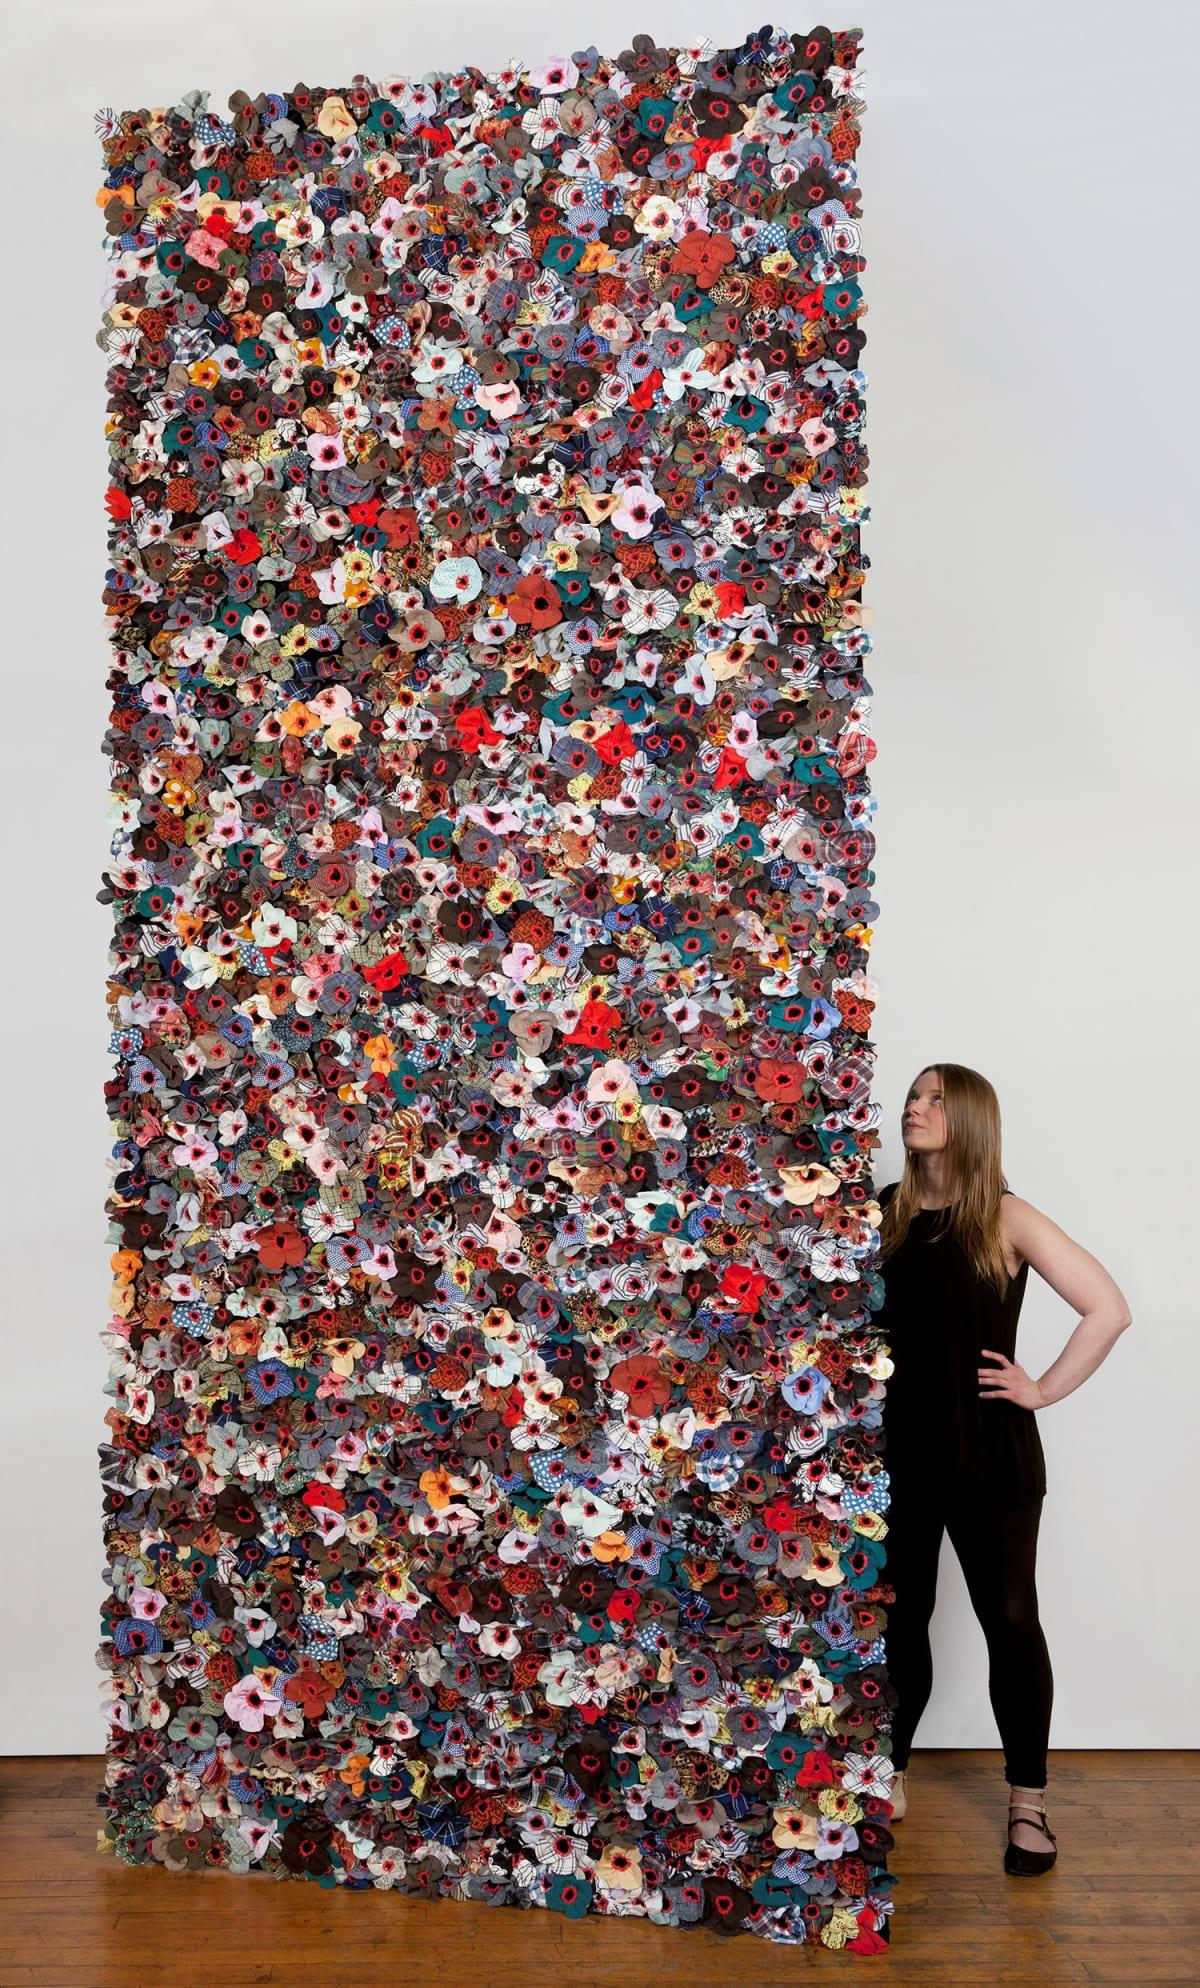 Jodi Colella at Fuller Craft Museum